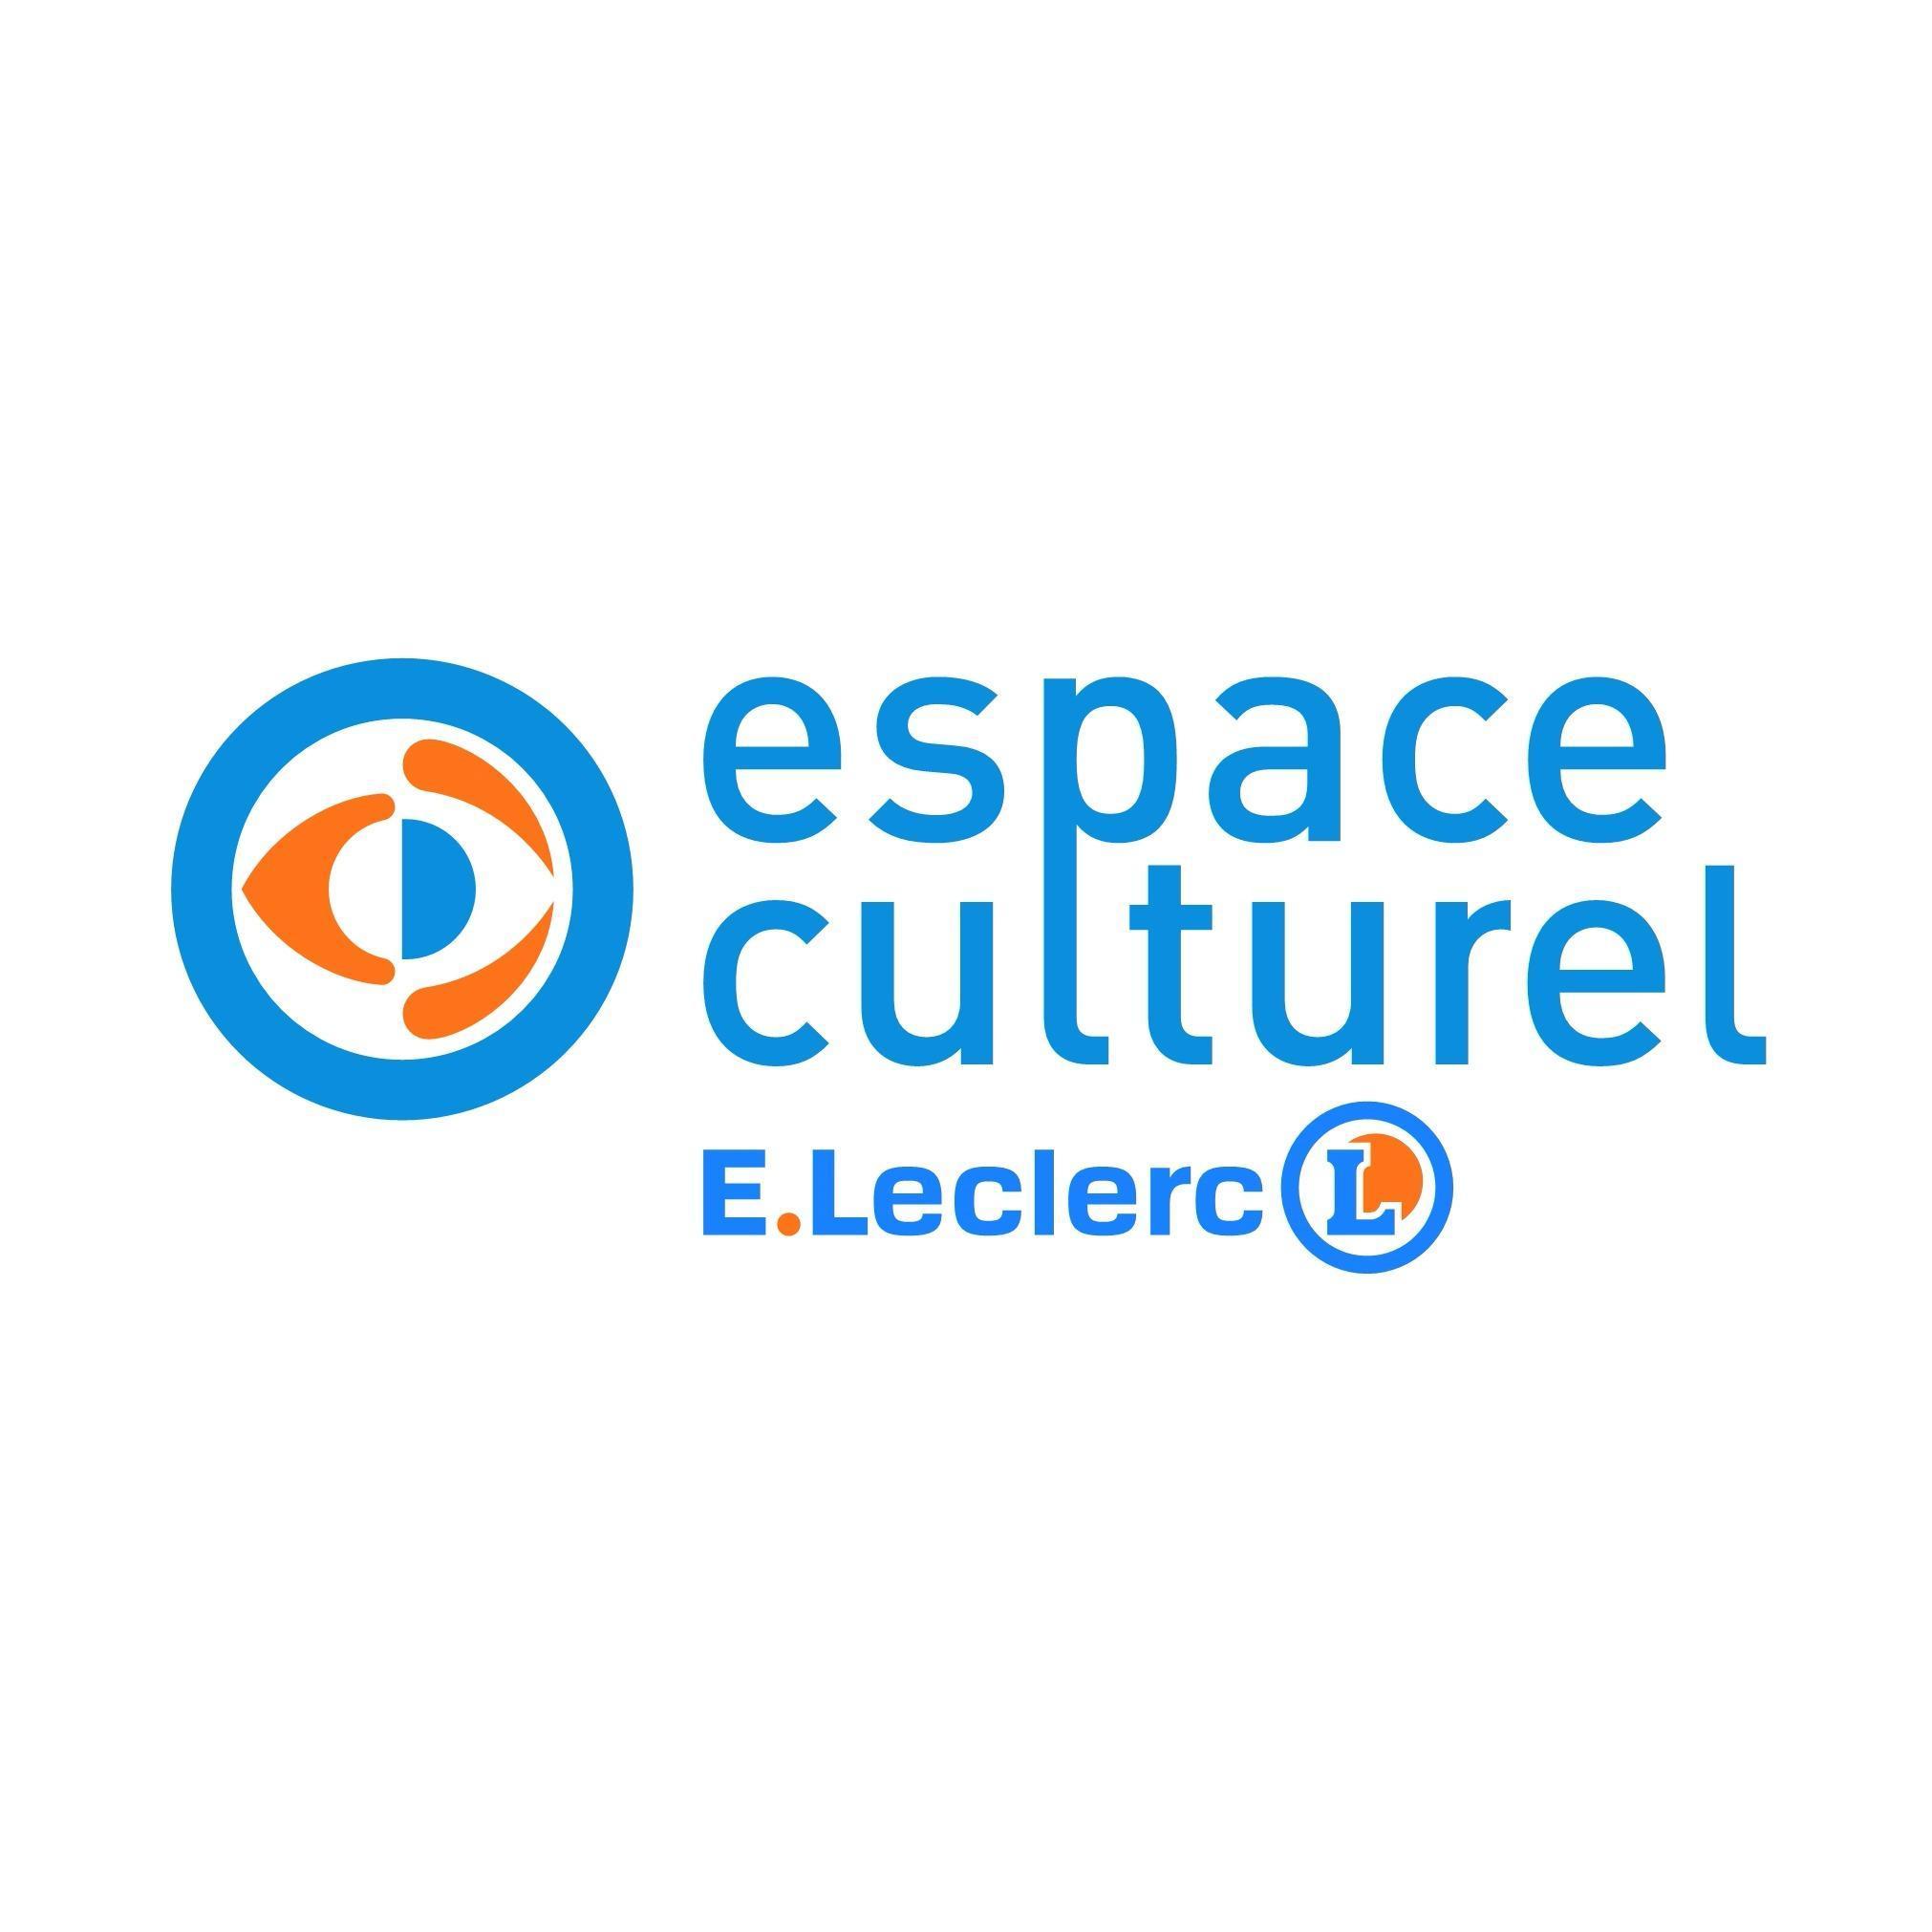 E.leclerc Espace Culturel Lisieux